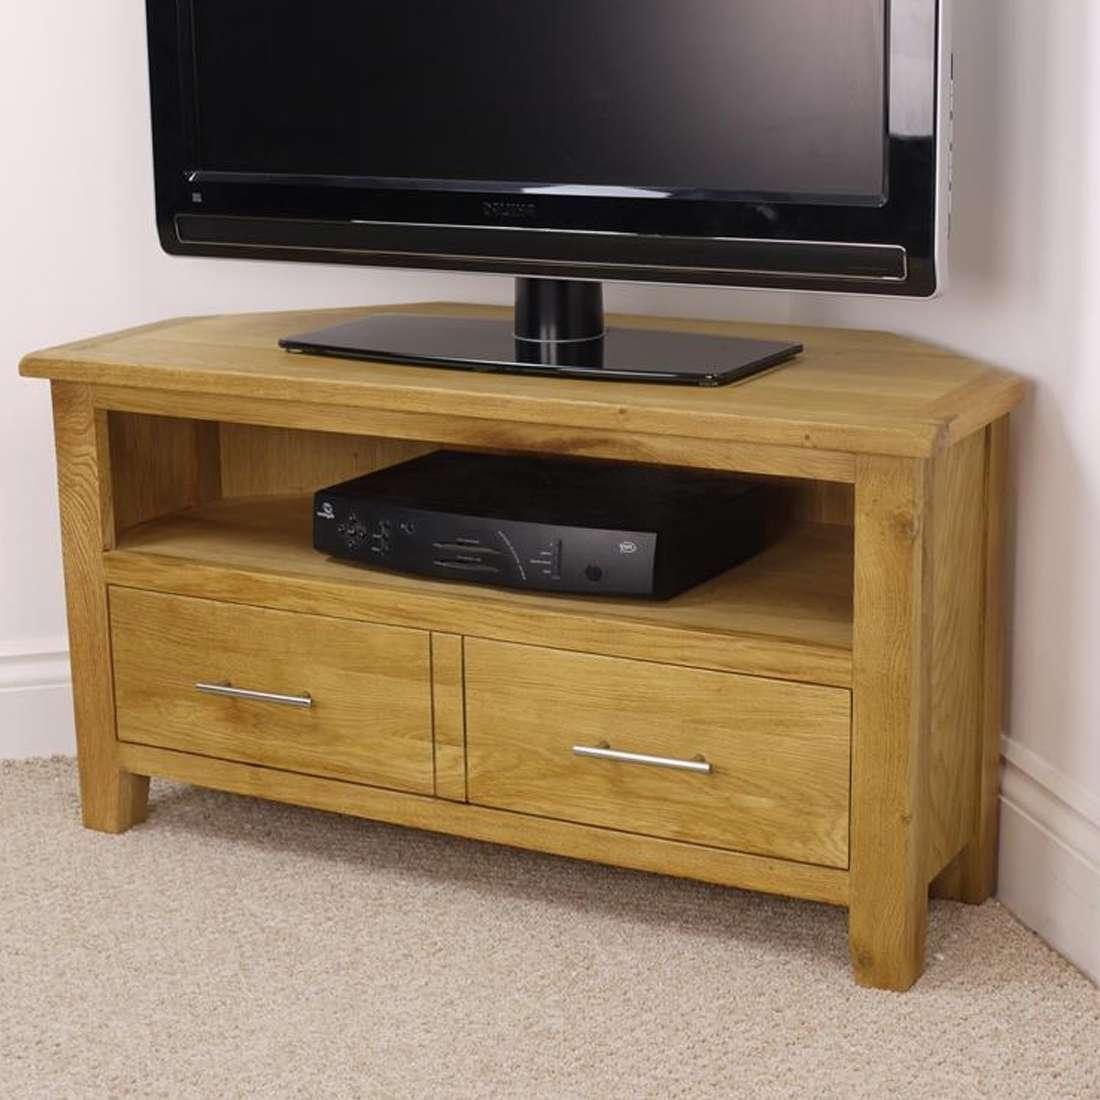 Nebraska Modern Oak Corner Tv Unit / Solid Wood Tv Stand / Oiled Intended For Corner Oak Tv Stands (View 7 of 15)